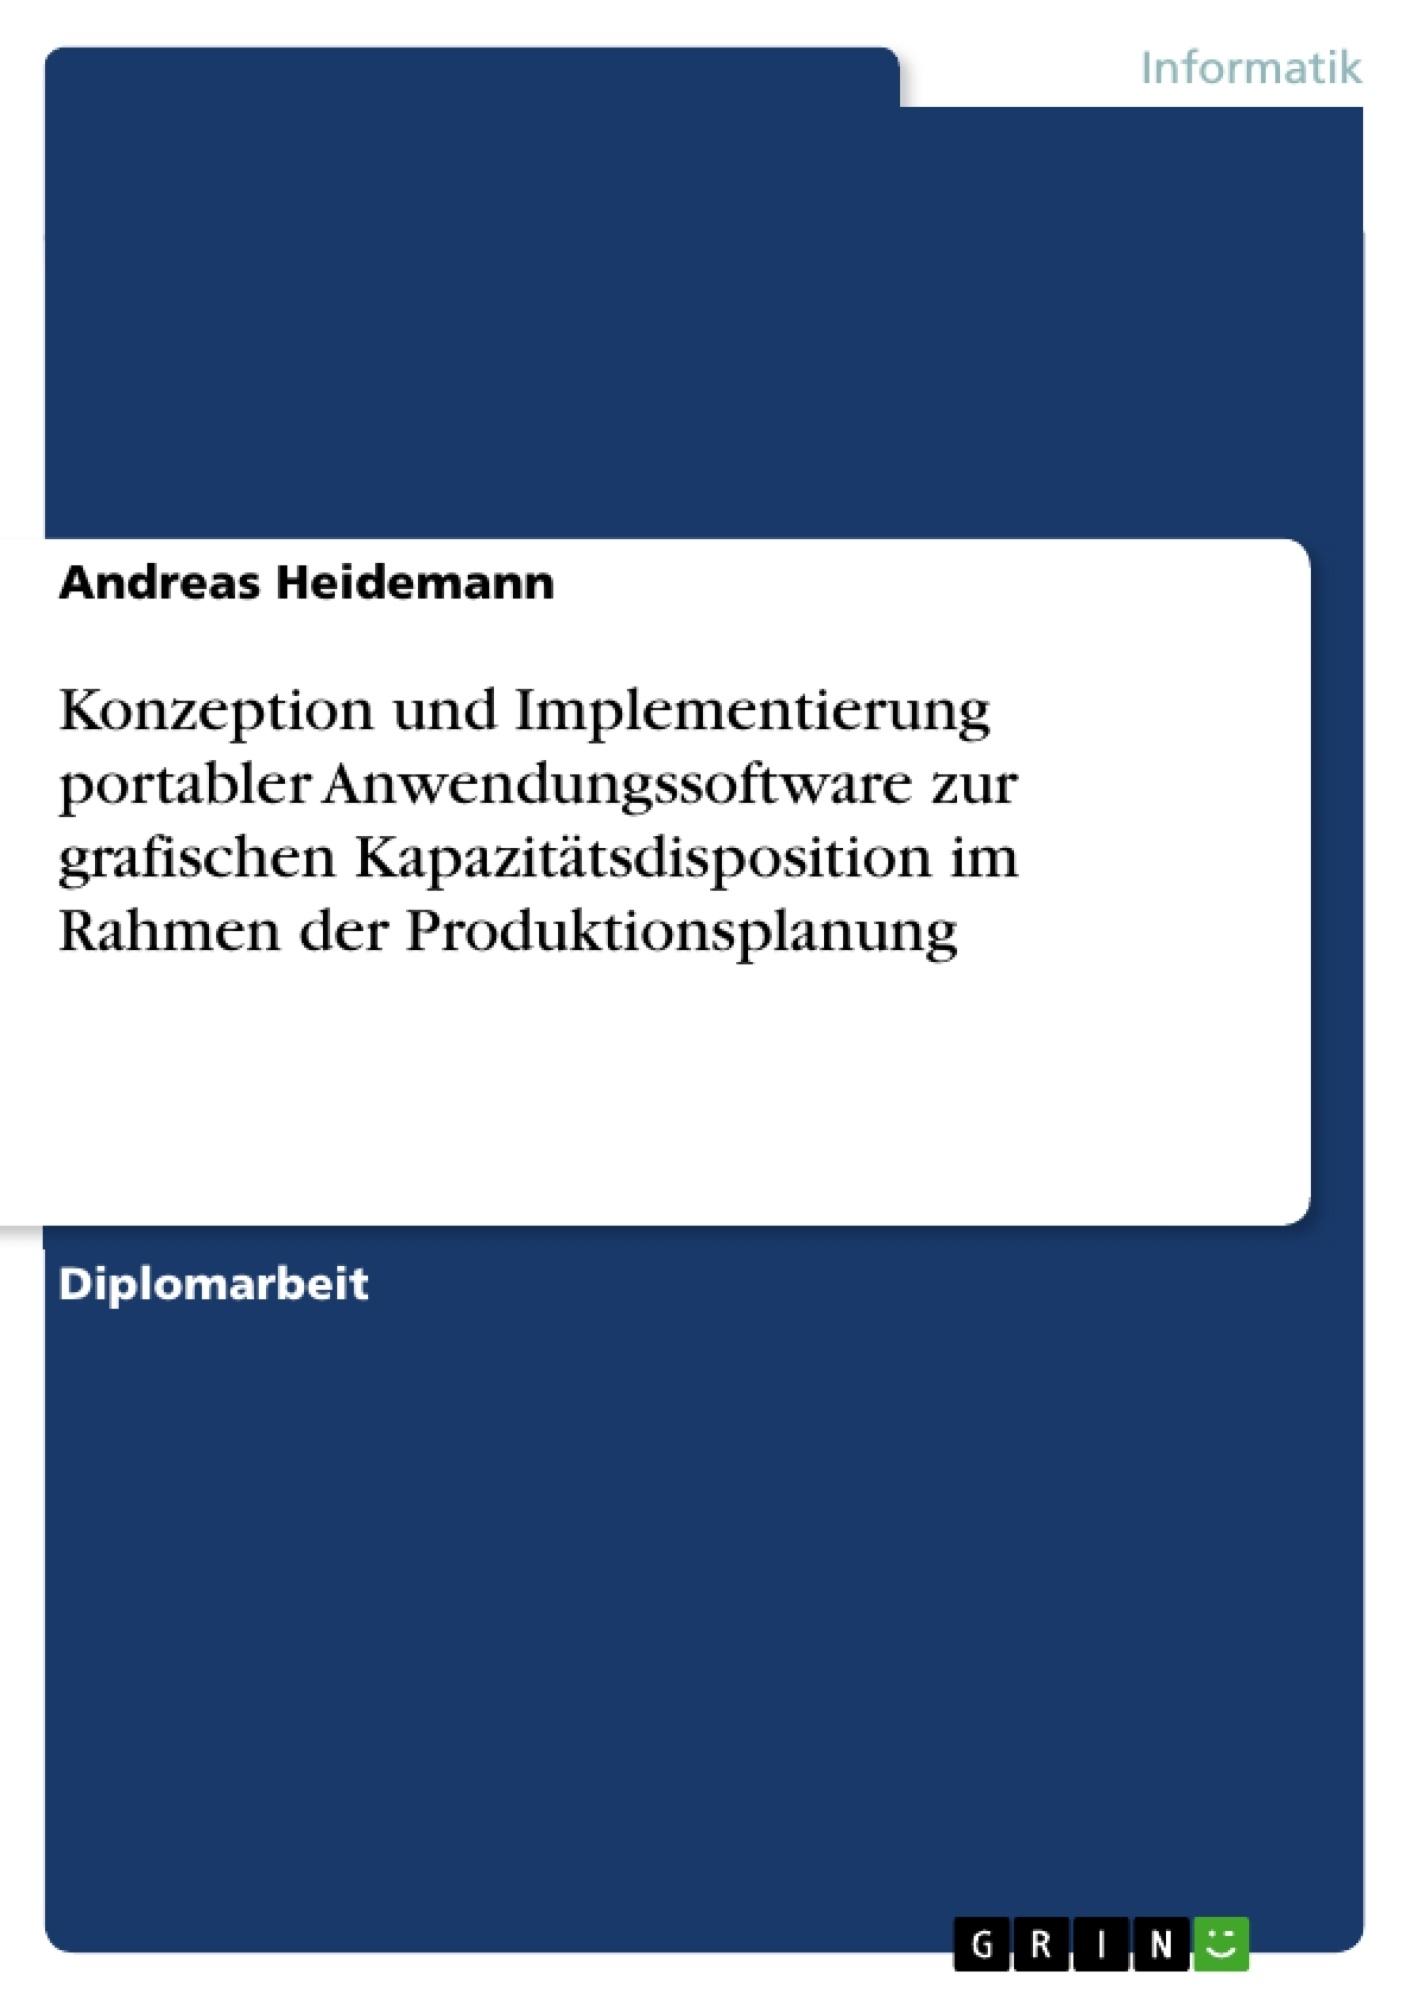 Titel: Konzeption und Implementierung portabler Anwendungssoftware zur grafischen Kapazitätsdisposition im Rahmen der Produktionsplanung